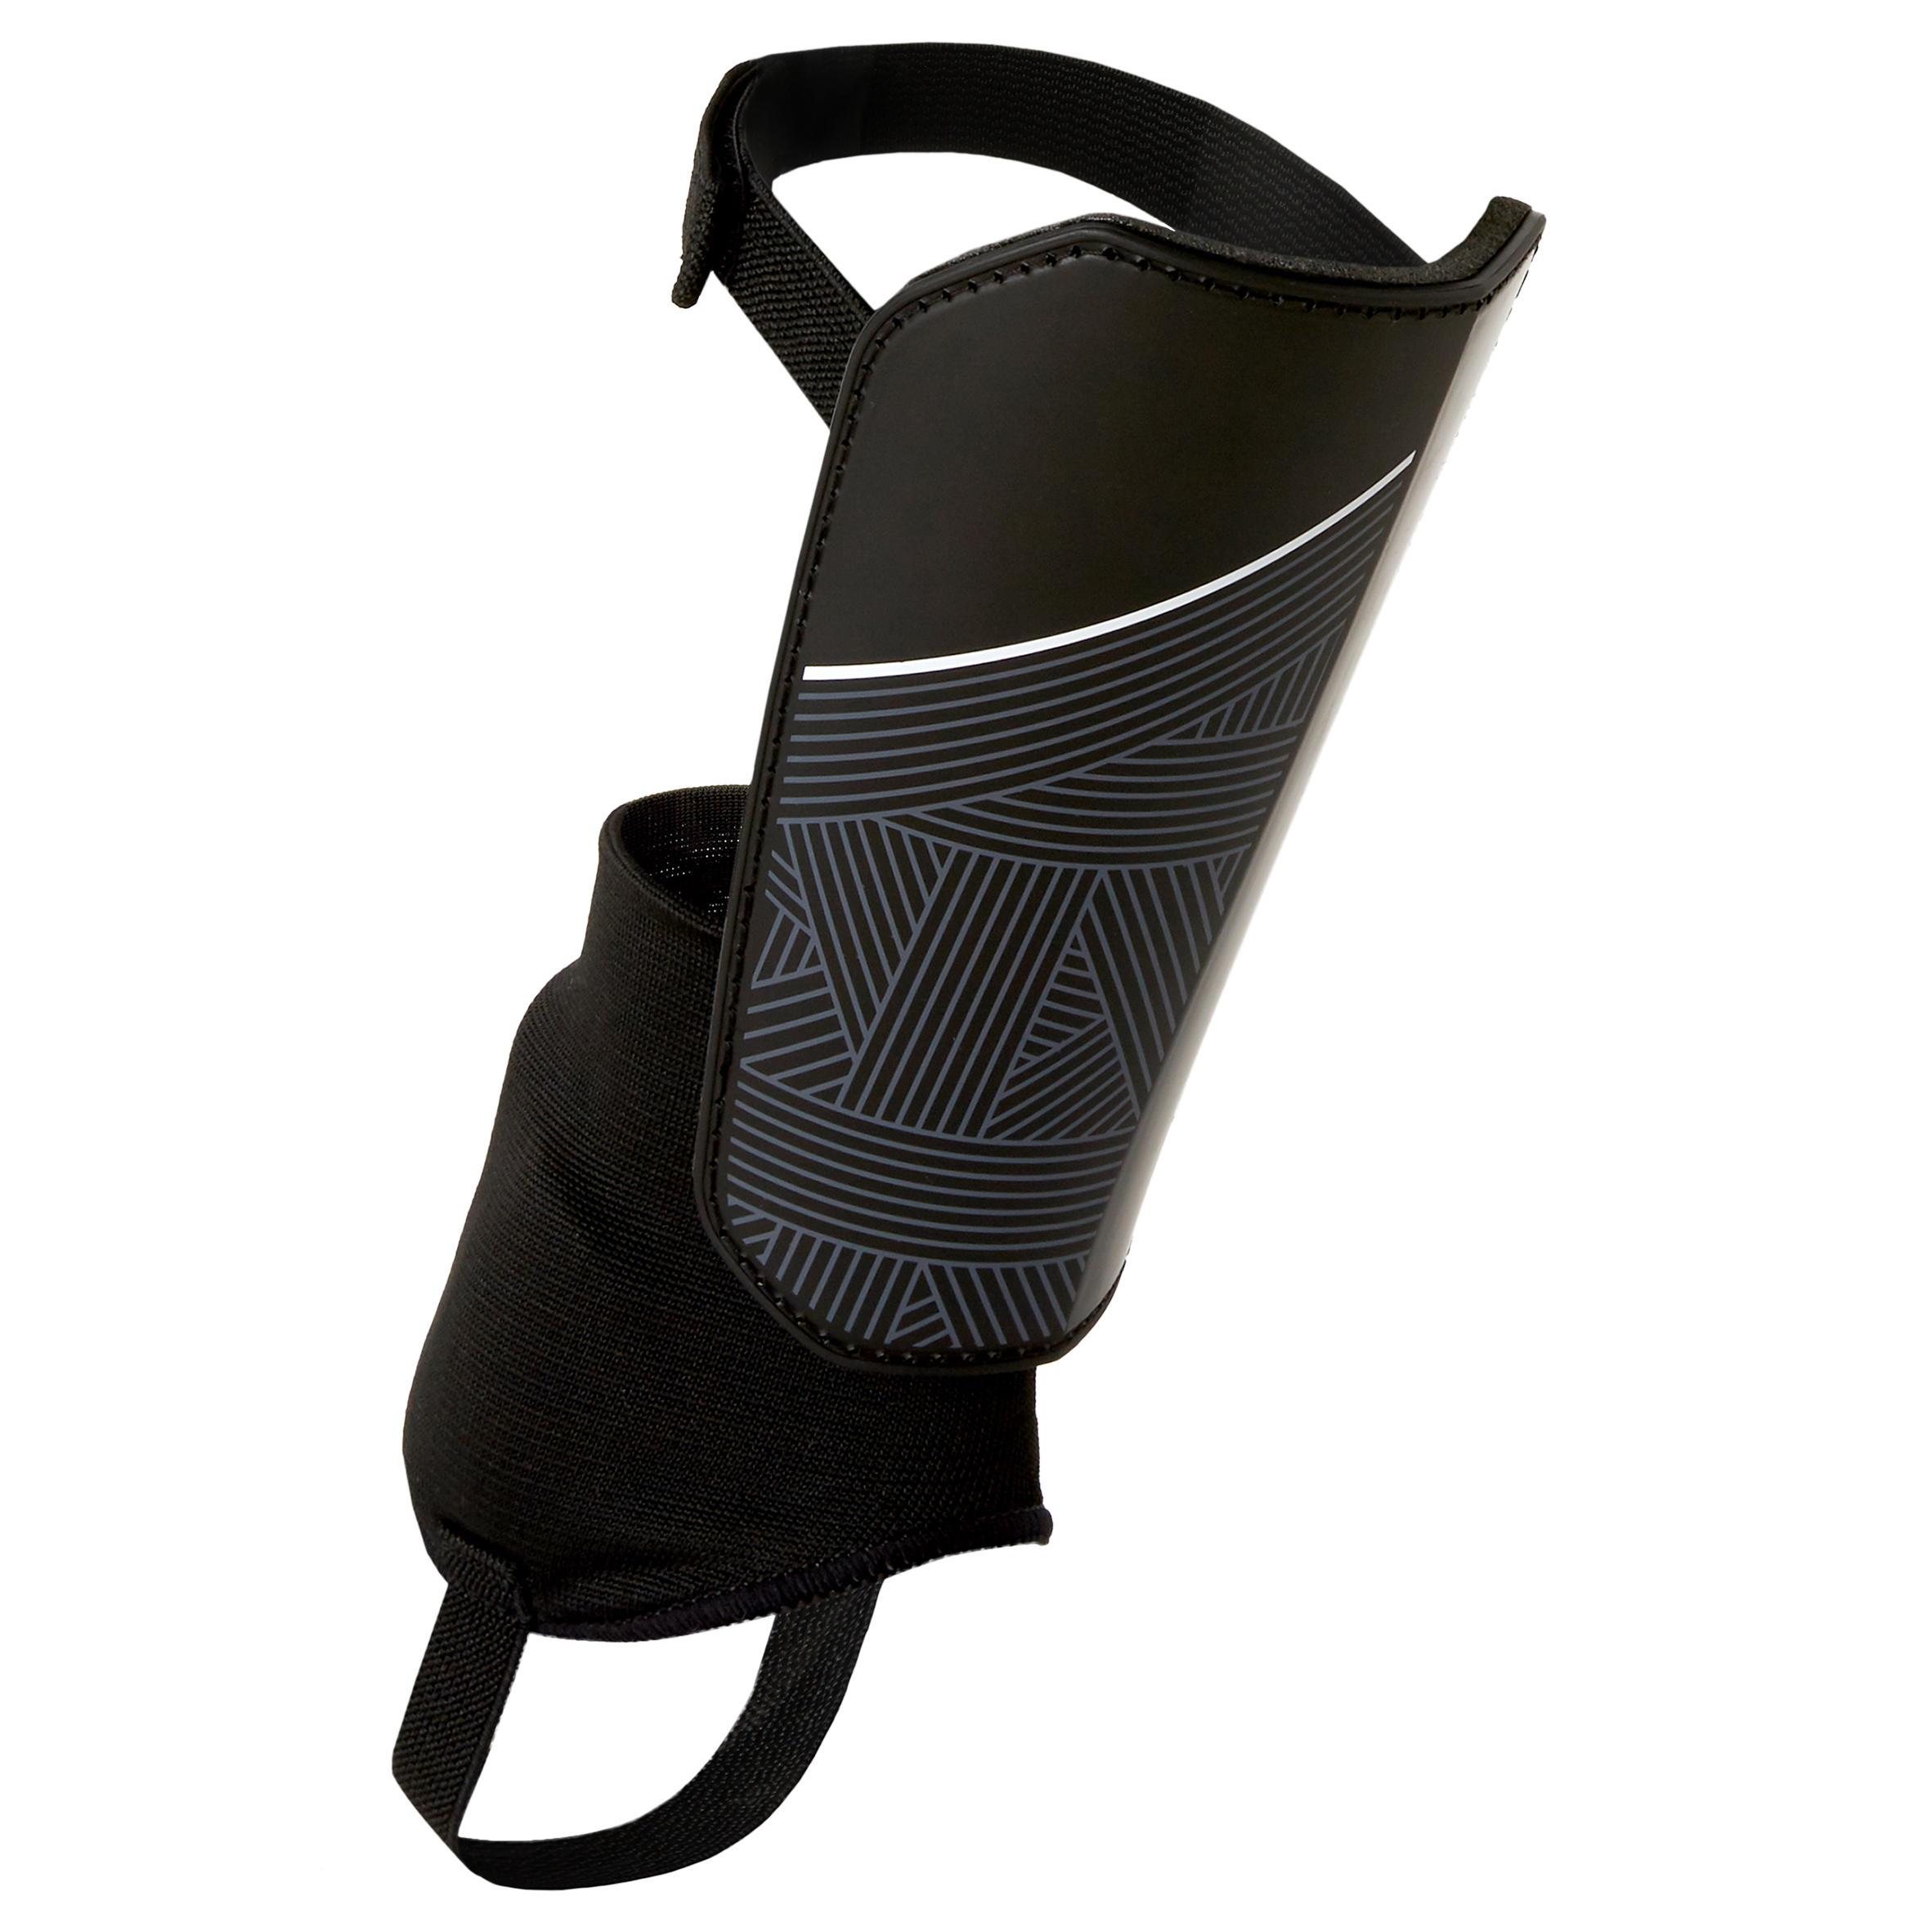 Espinillera de fútbol júnior F140 (tobillera desmontable) negro